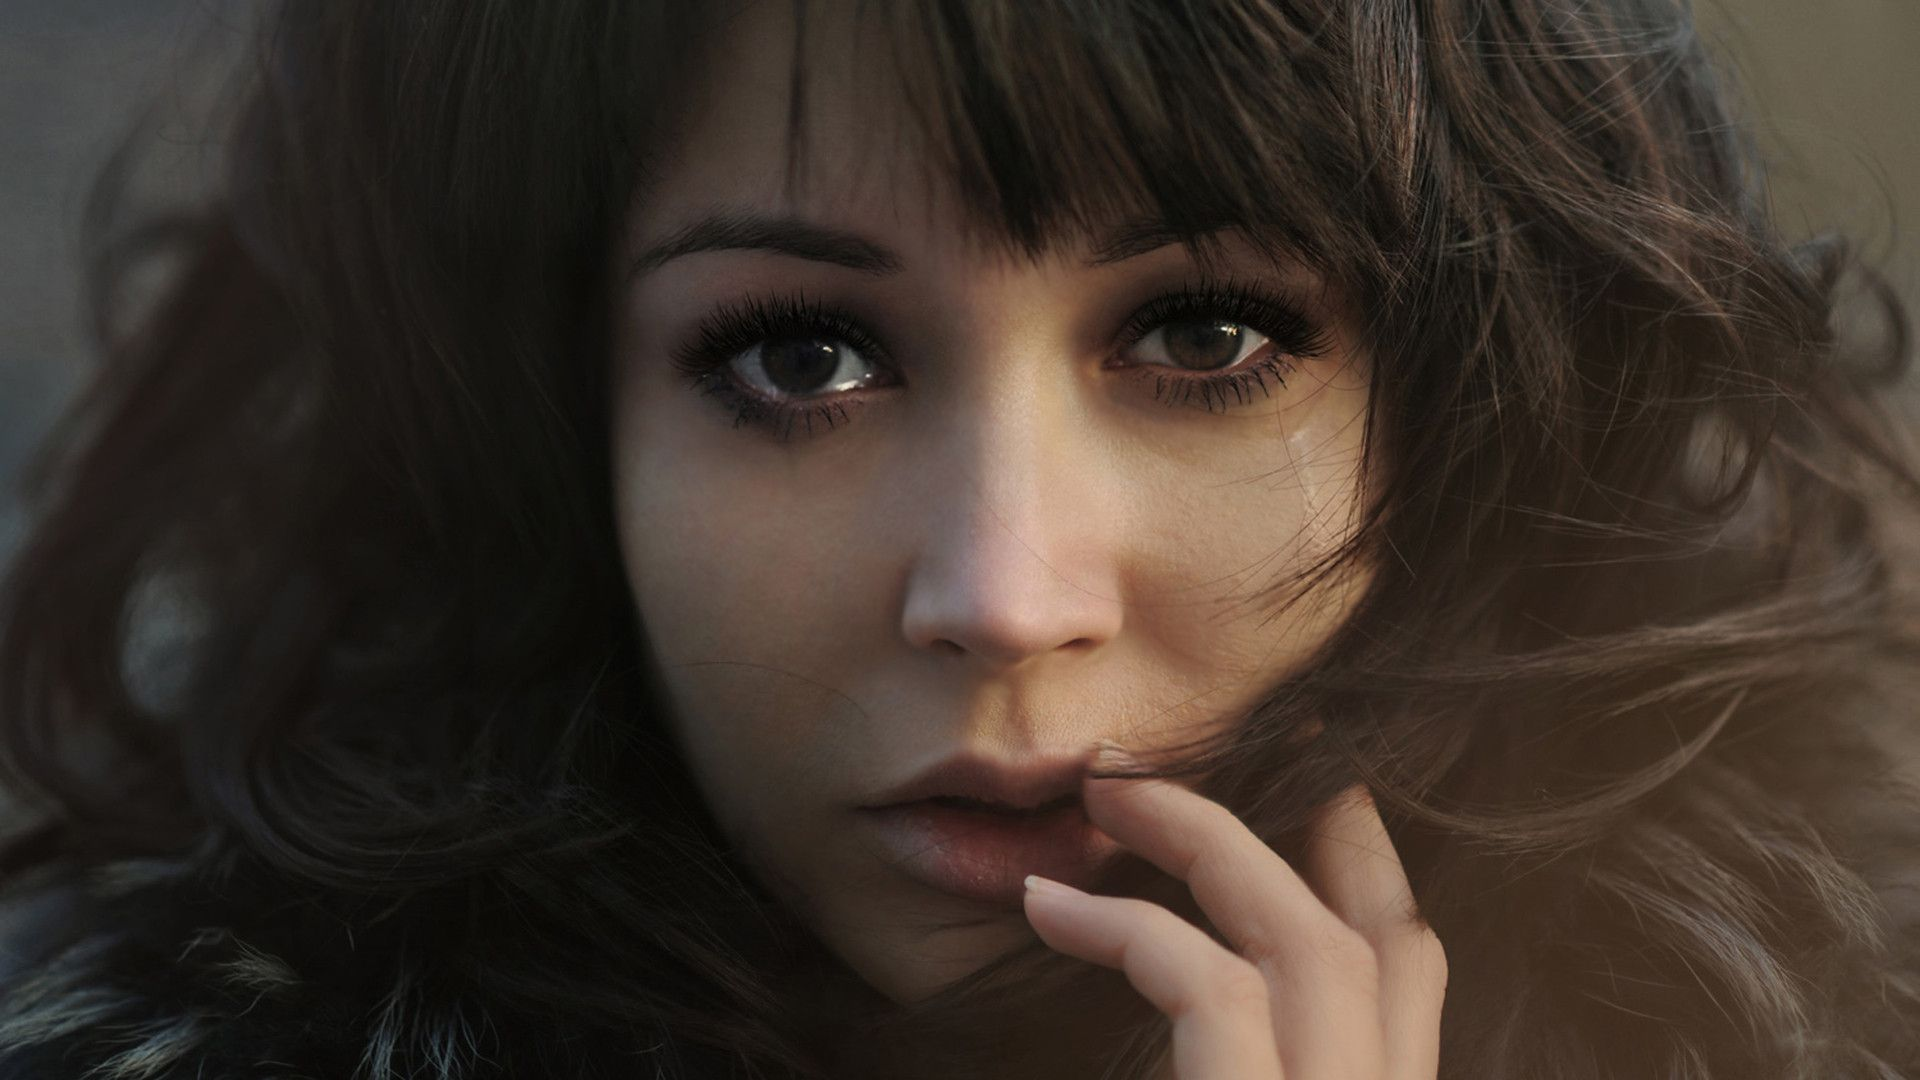 عکس دختر گریان تنها و غمگین عاشق برای پروفایل